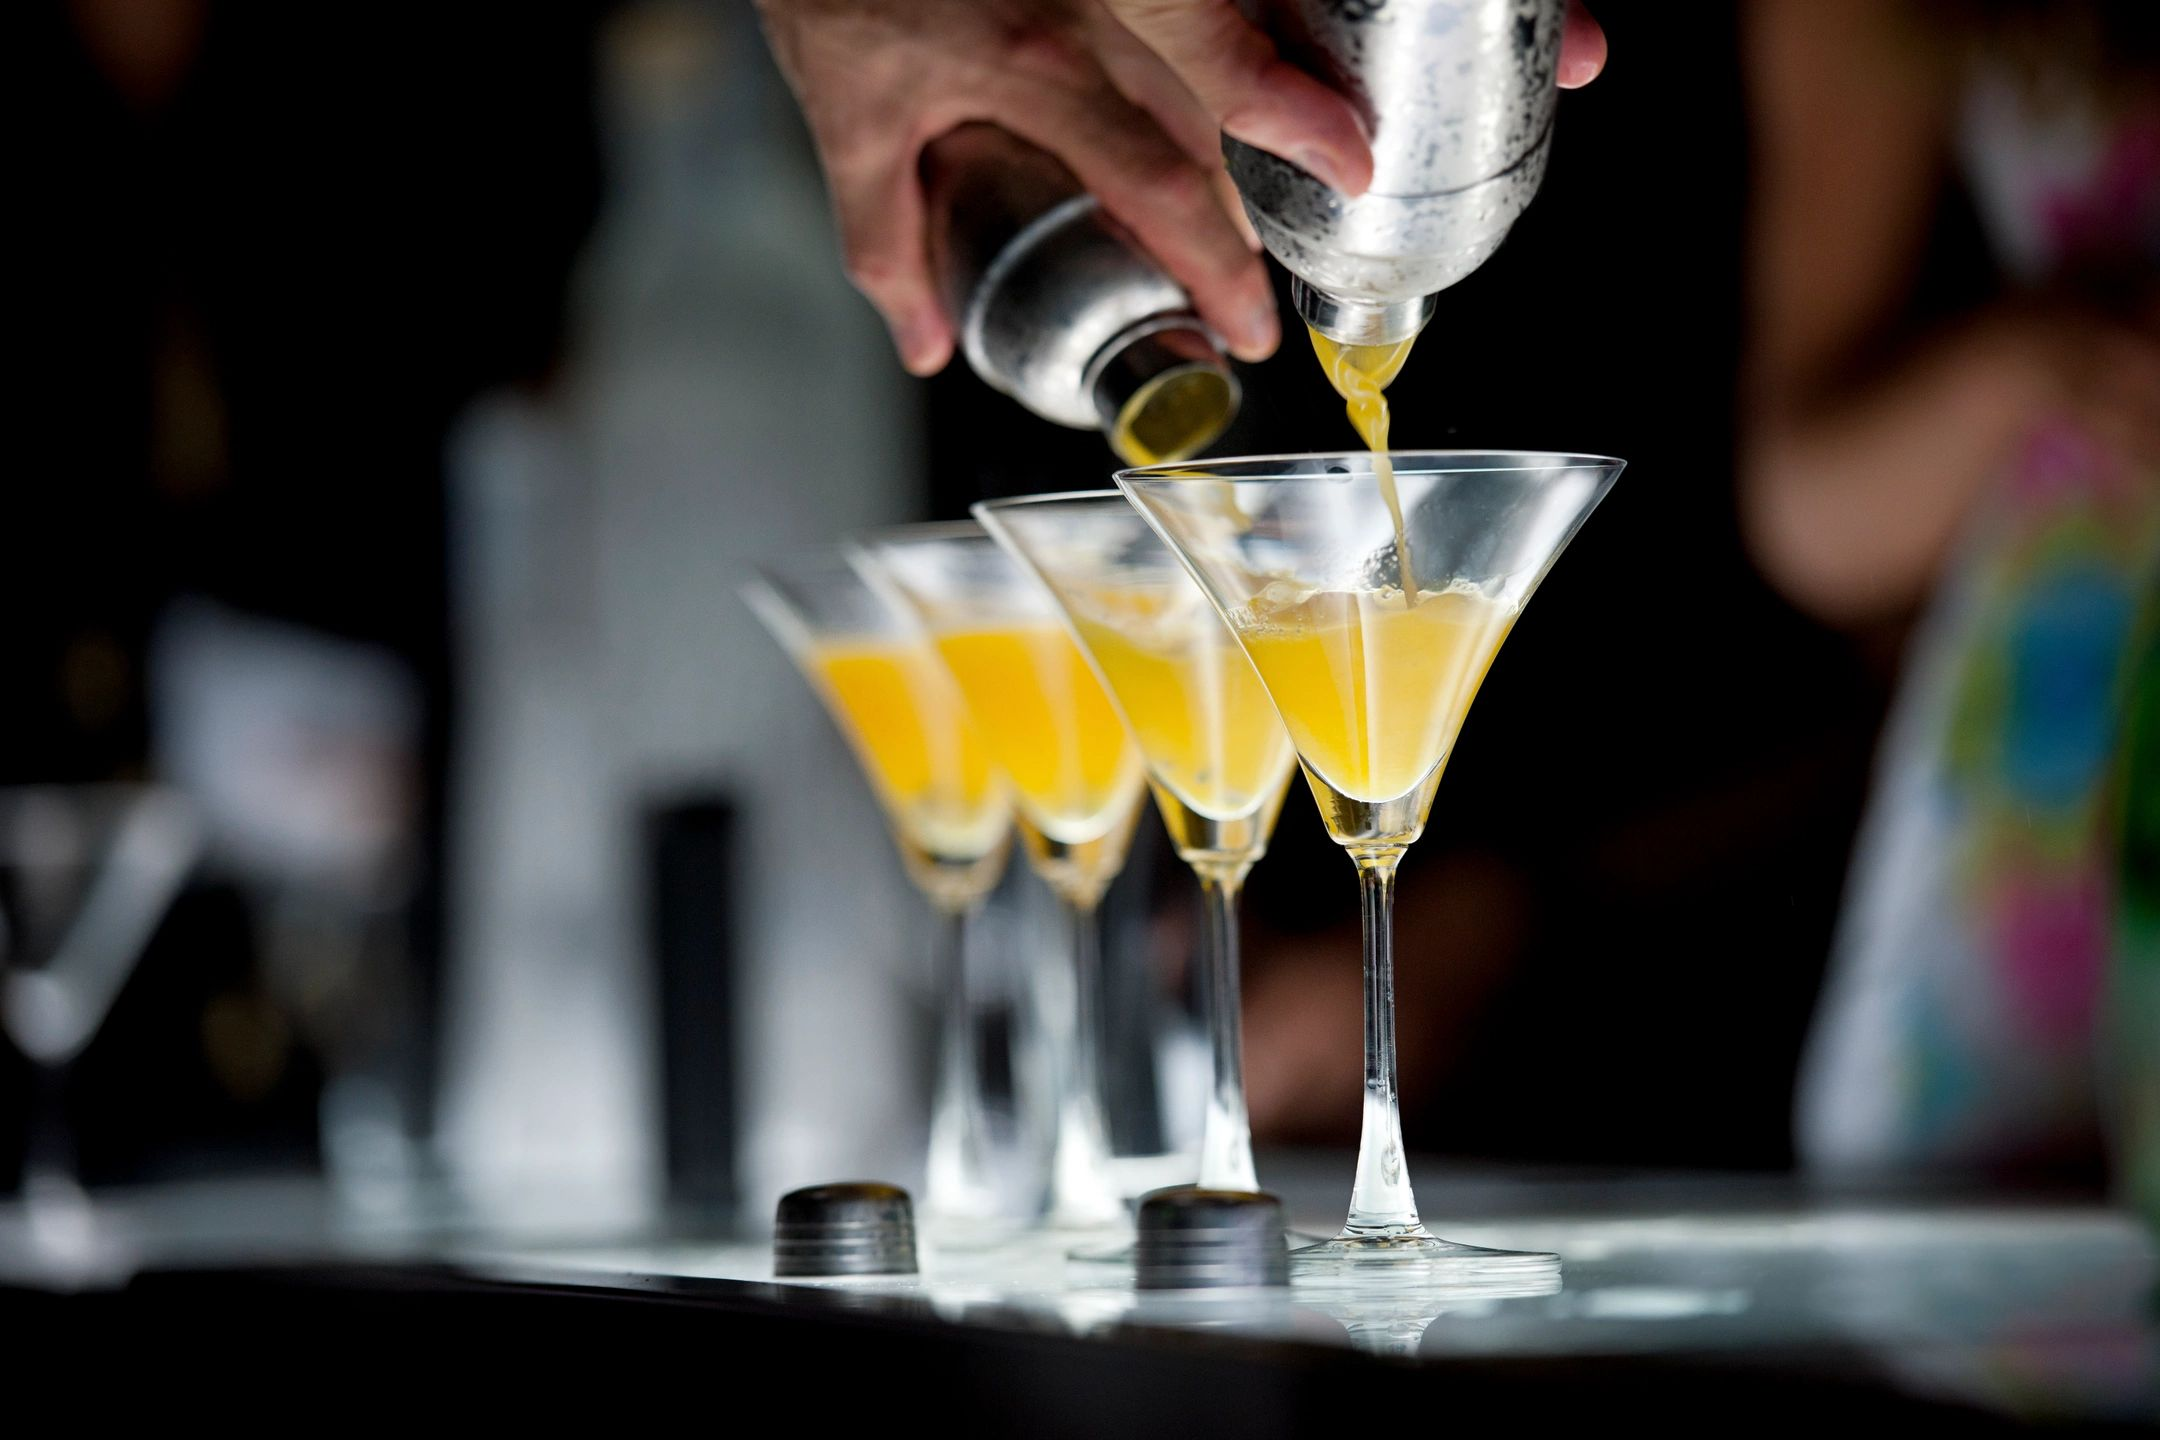 Bartenders & Wait Staff